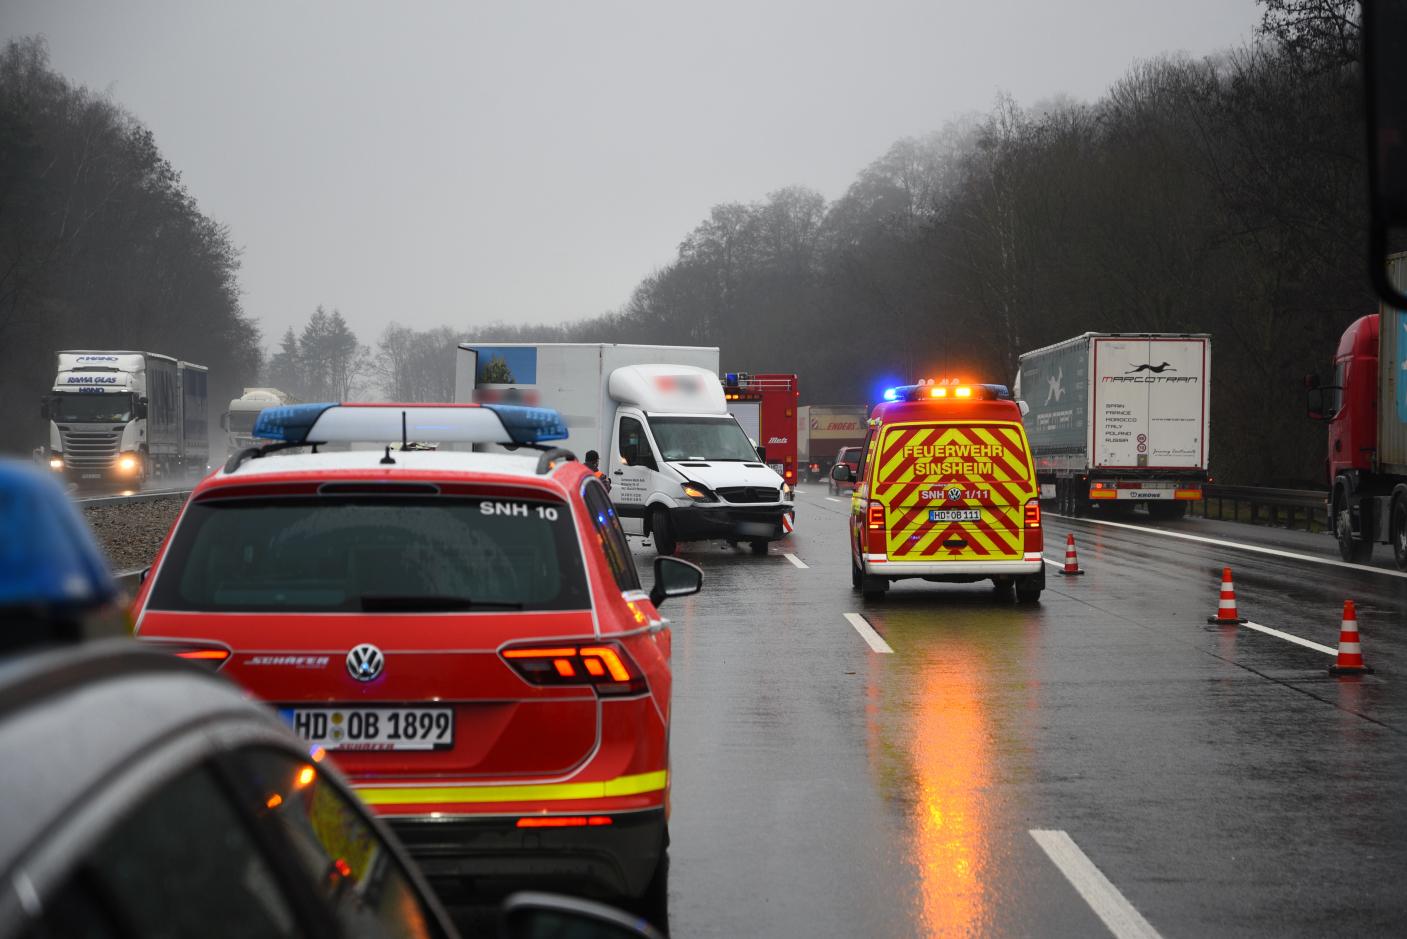 Dielheim/BAB 6: Unfall zwischen zwei Kleintransportern - Eine Person schwer verletzt